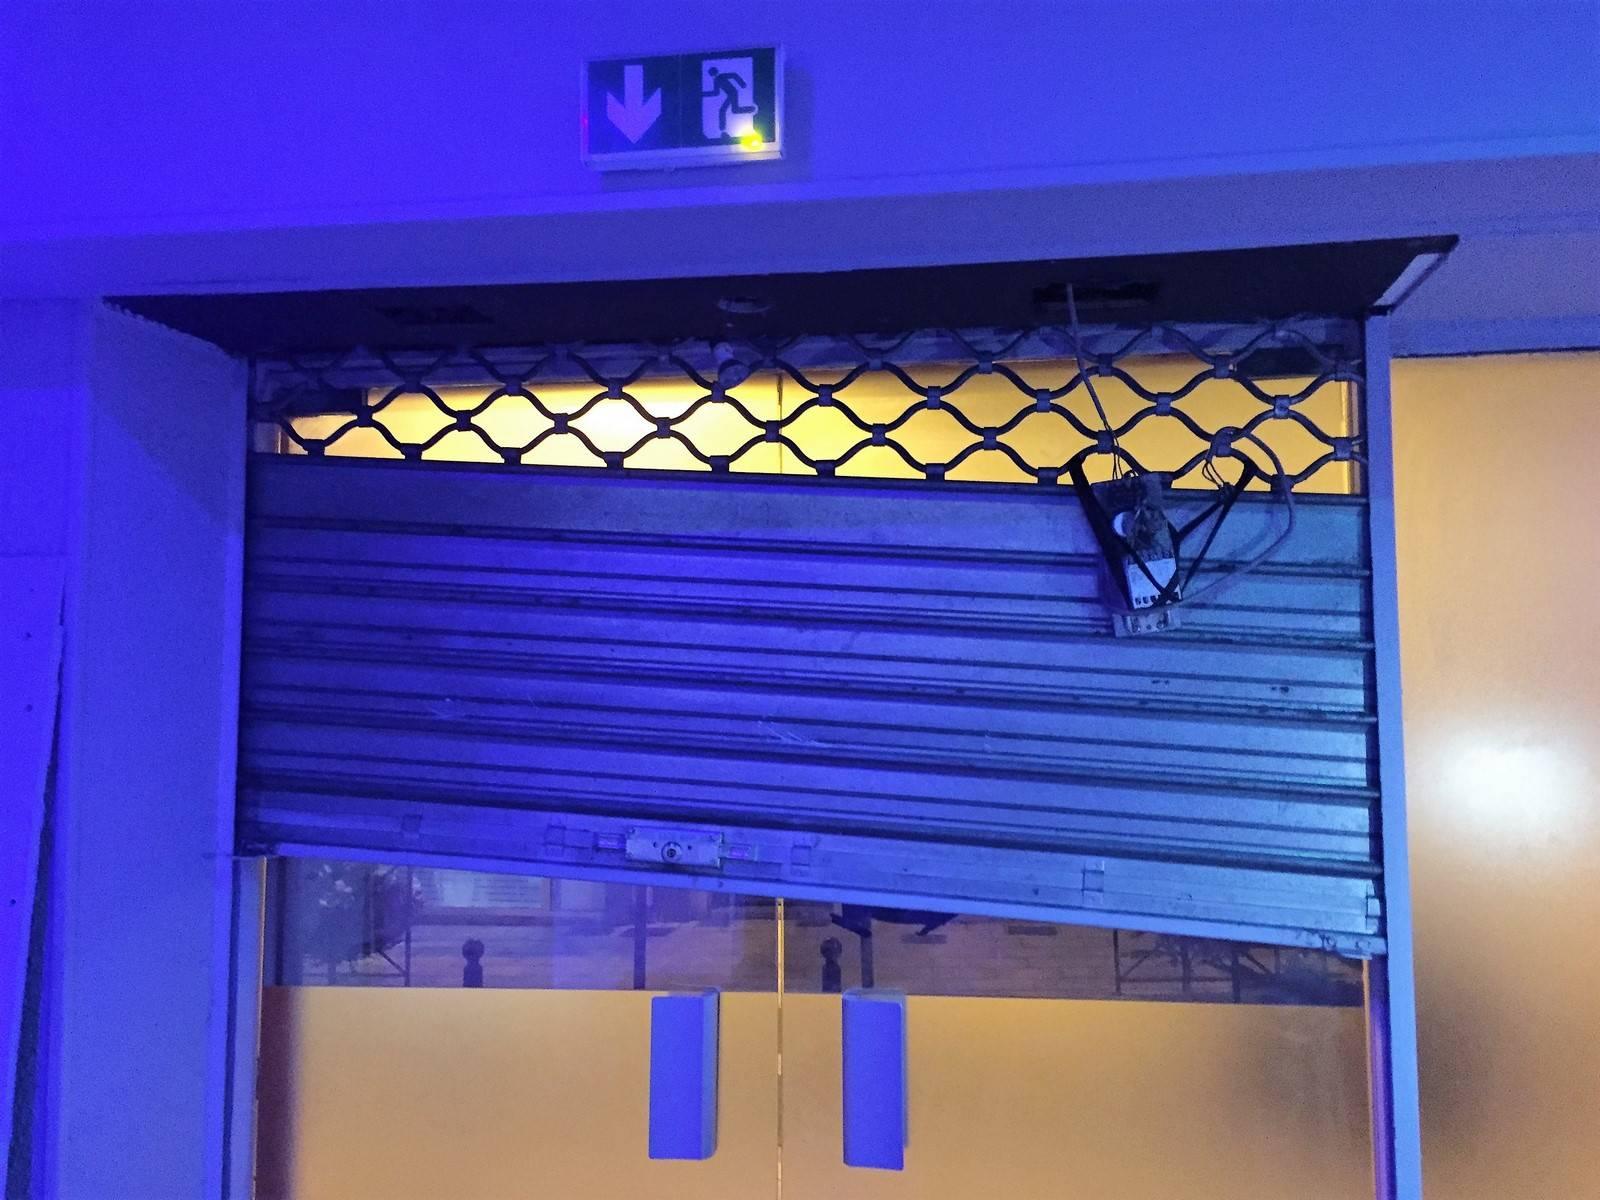 comment ouvrir un rideau m tallique la solution d aafa en vaucluse sud de la drome et l est. Black Bedroom Furniture Sets. Home Design Ideas